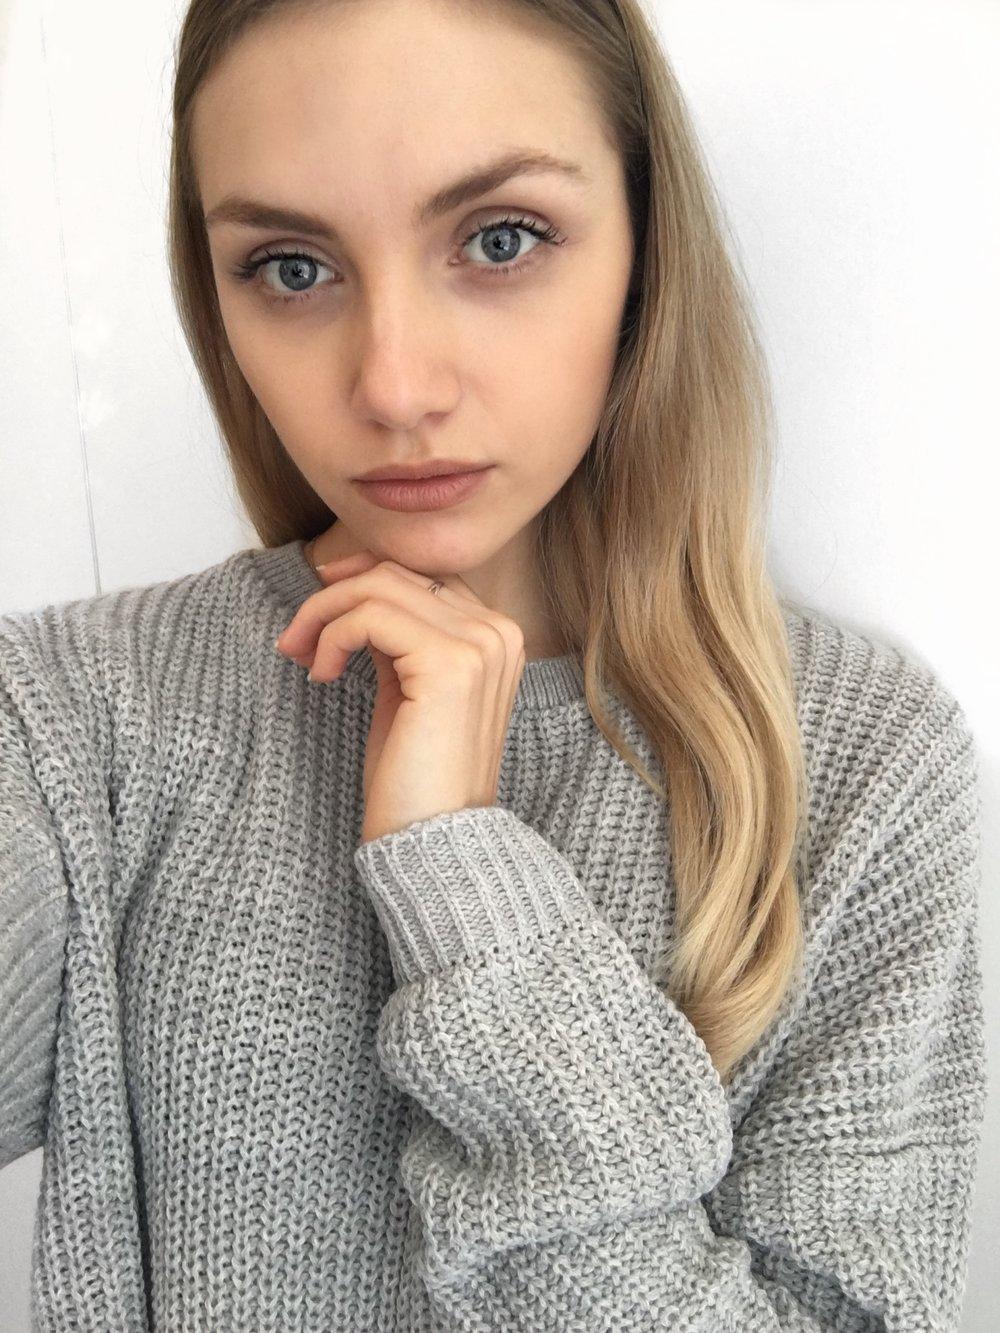 RianaHornerTeawithRi_20-10-2018-11-58-50.JPG